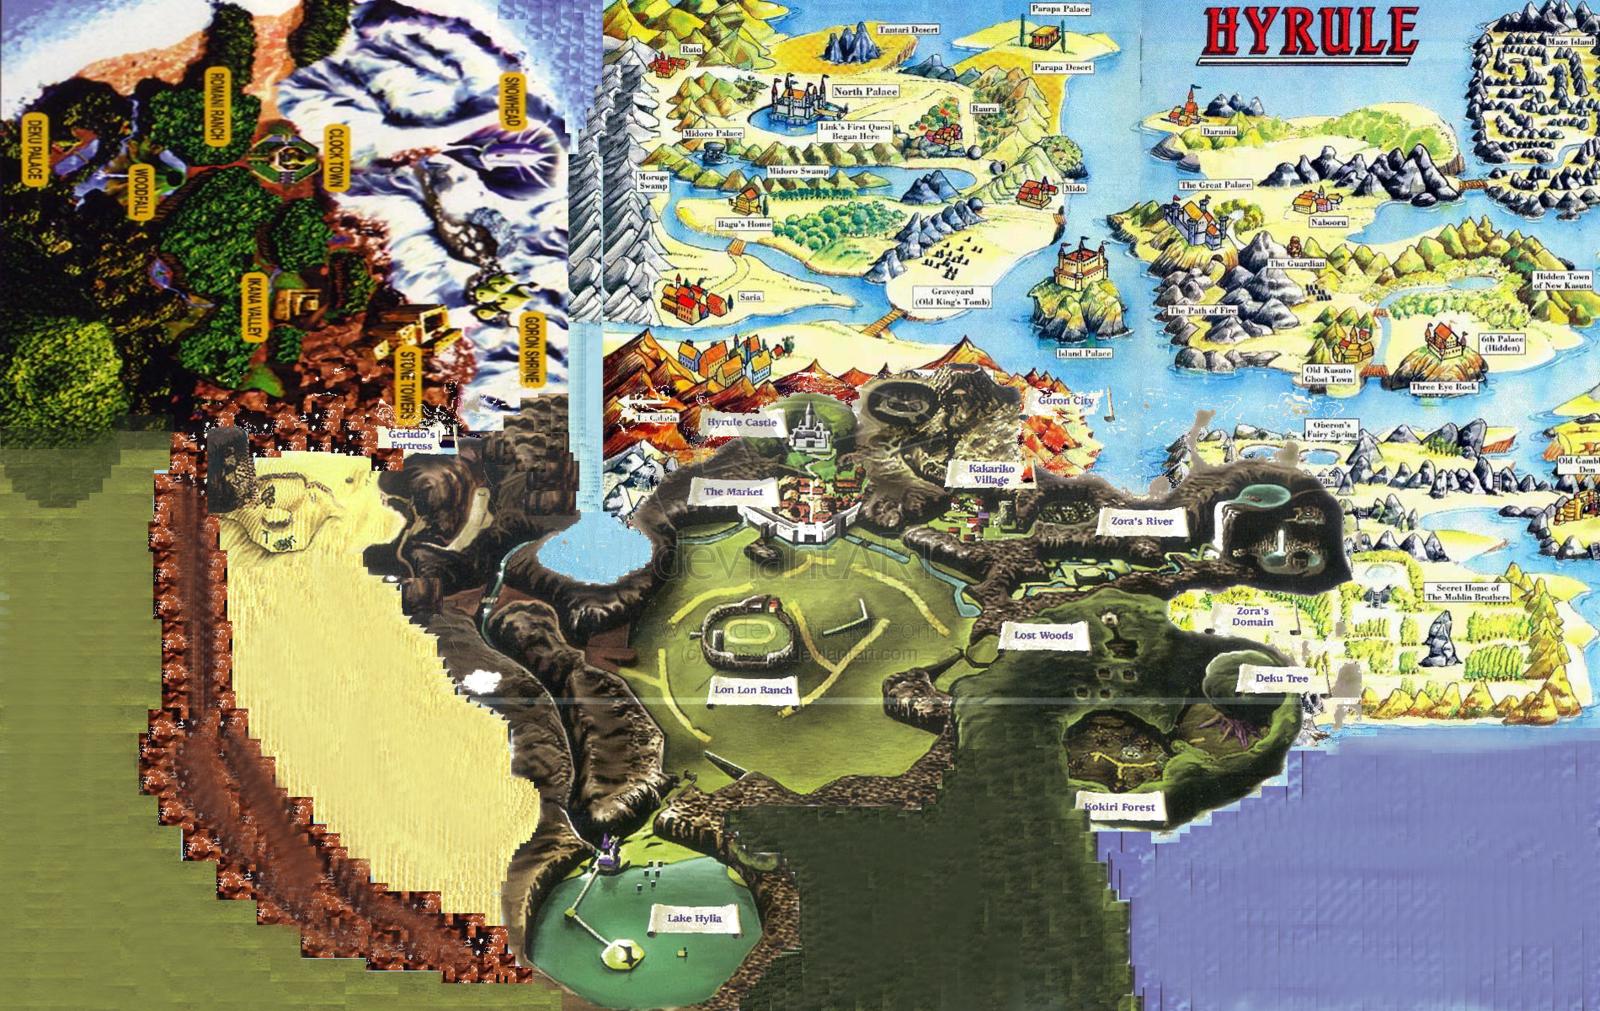 47+] Zelda Map Wallpaper on WallpaperSafari on zelda wind waker bad guys, zelda 1 dungeon locations, zelda game map, the legend of zelda map, zelda wind waker map, zelda majora's mask masks, zelda majora's mask wallpaper, zelda map poster, majora's mask map, zelda 1st quest map, zelda majoras mask map, legend of zelda spirit tracks map, zelda dungeon maps, legend of zelda 2 map, zelda spirit temple map, zelda maps secrets, legend of zelda hyrule map, legend of zelda world map, zelda link to the past, zelda nintendo map,